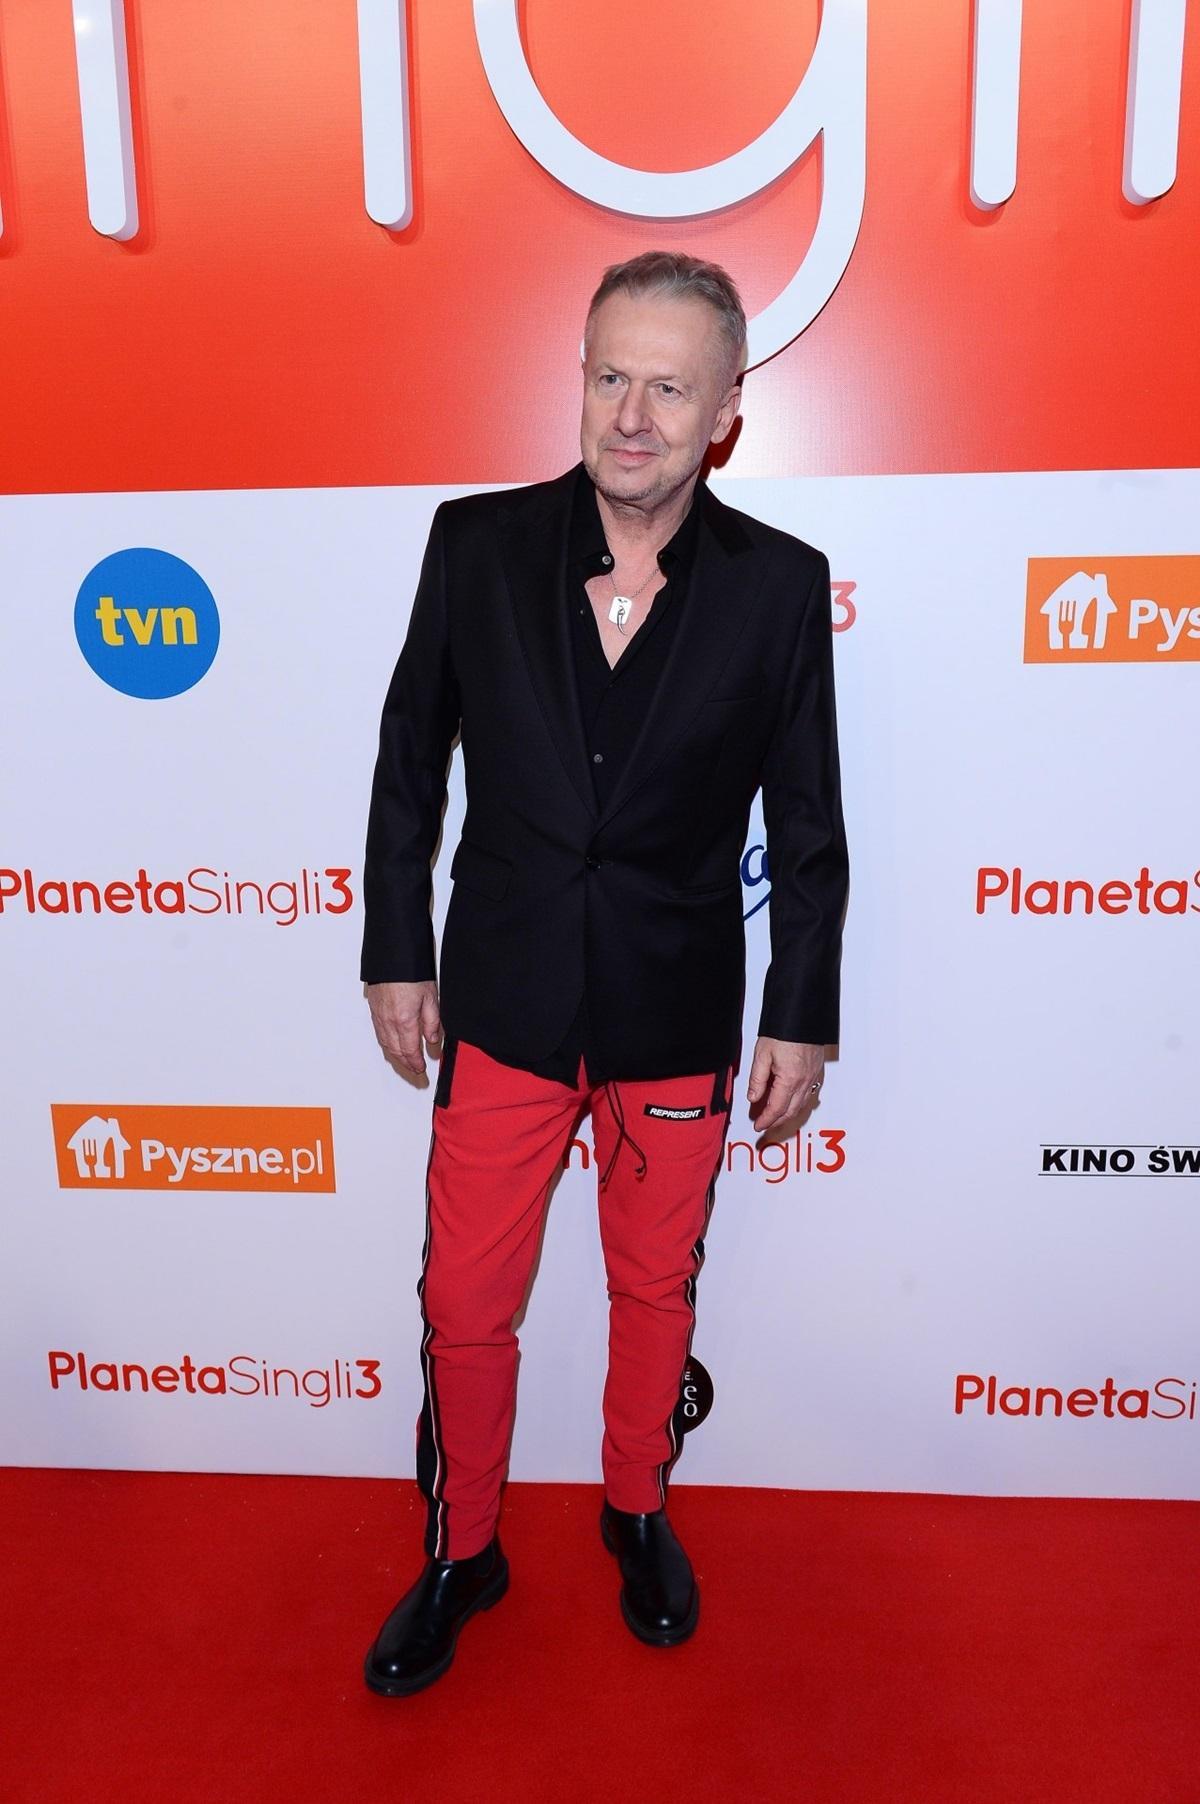 """Bogusław Linda na premierze filmu """"Planeta singli 3"""""""